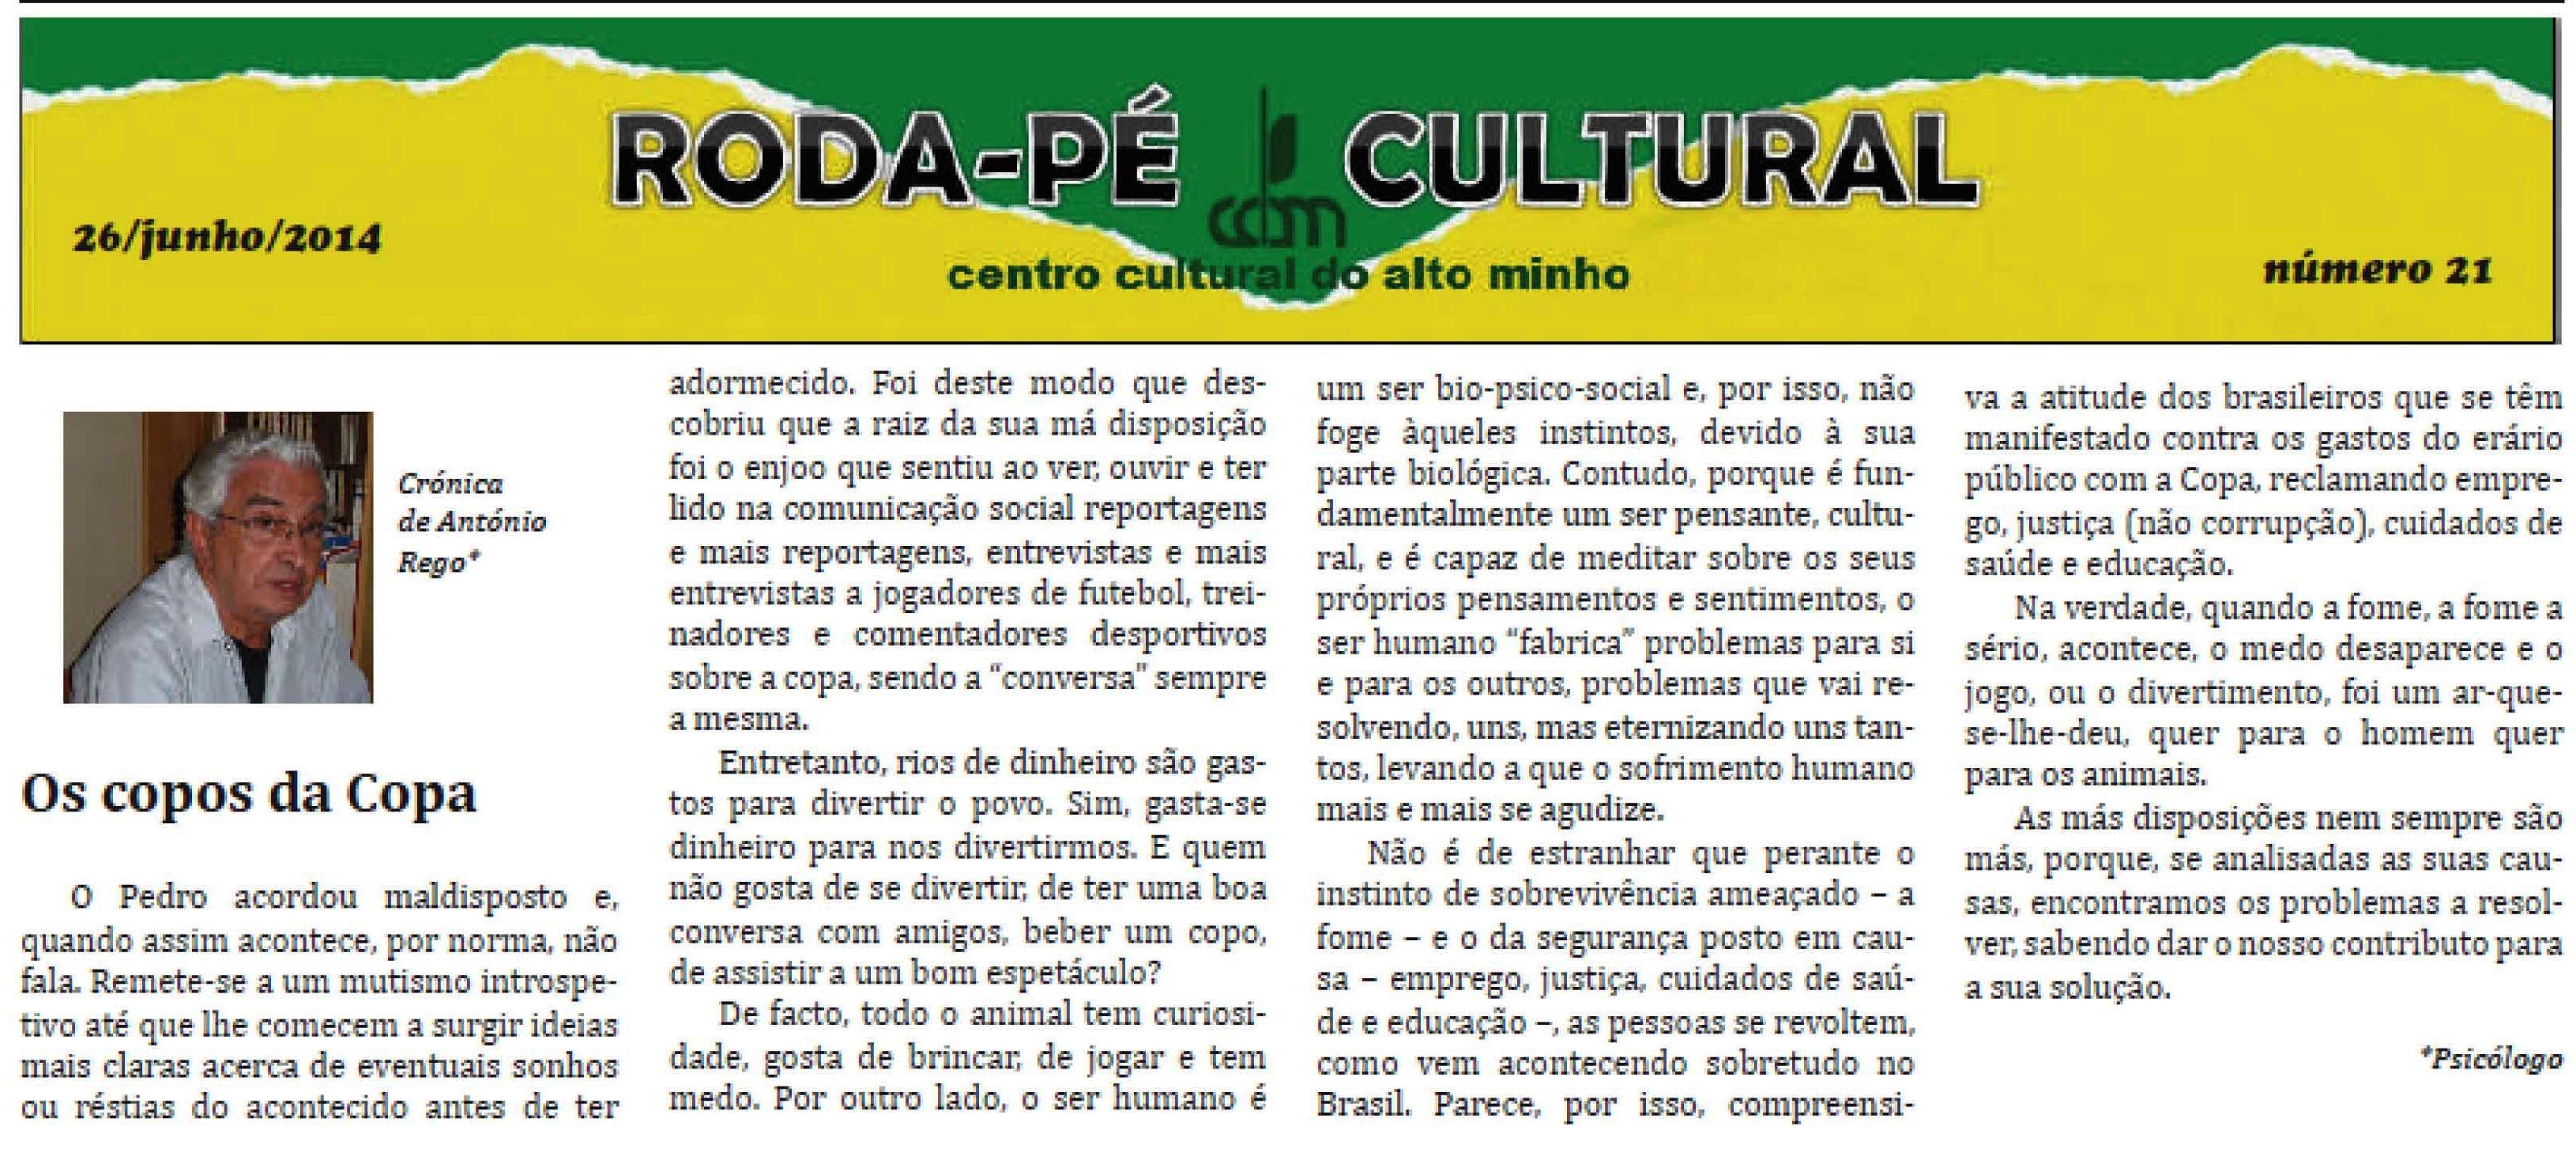 https://sites.google.com/a/centroculturaldoaltominho.org/ccam/actividades-realizadas/2014/RP_21.jpg